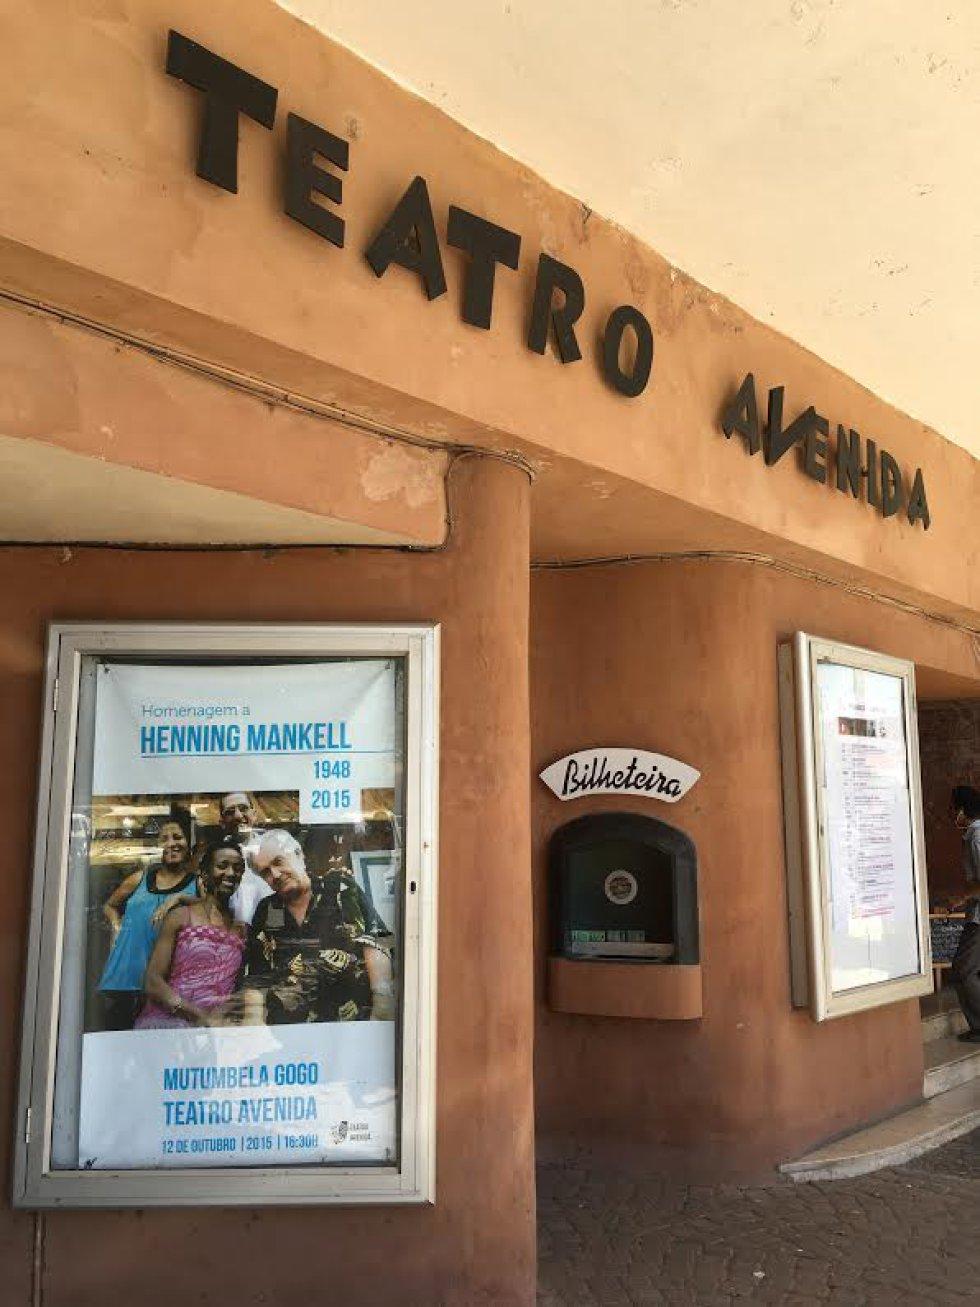 El Teatro Avenida en el que trabajó Henning Mankell como director artístico de la compañía Mutumbela Gogo.